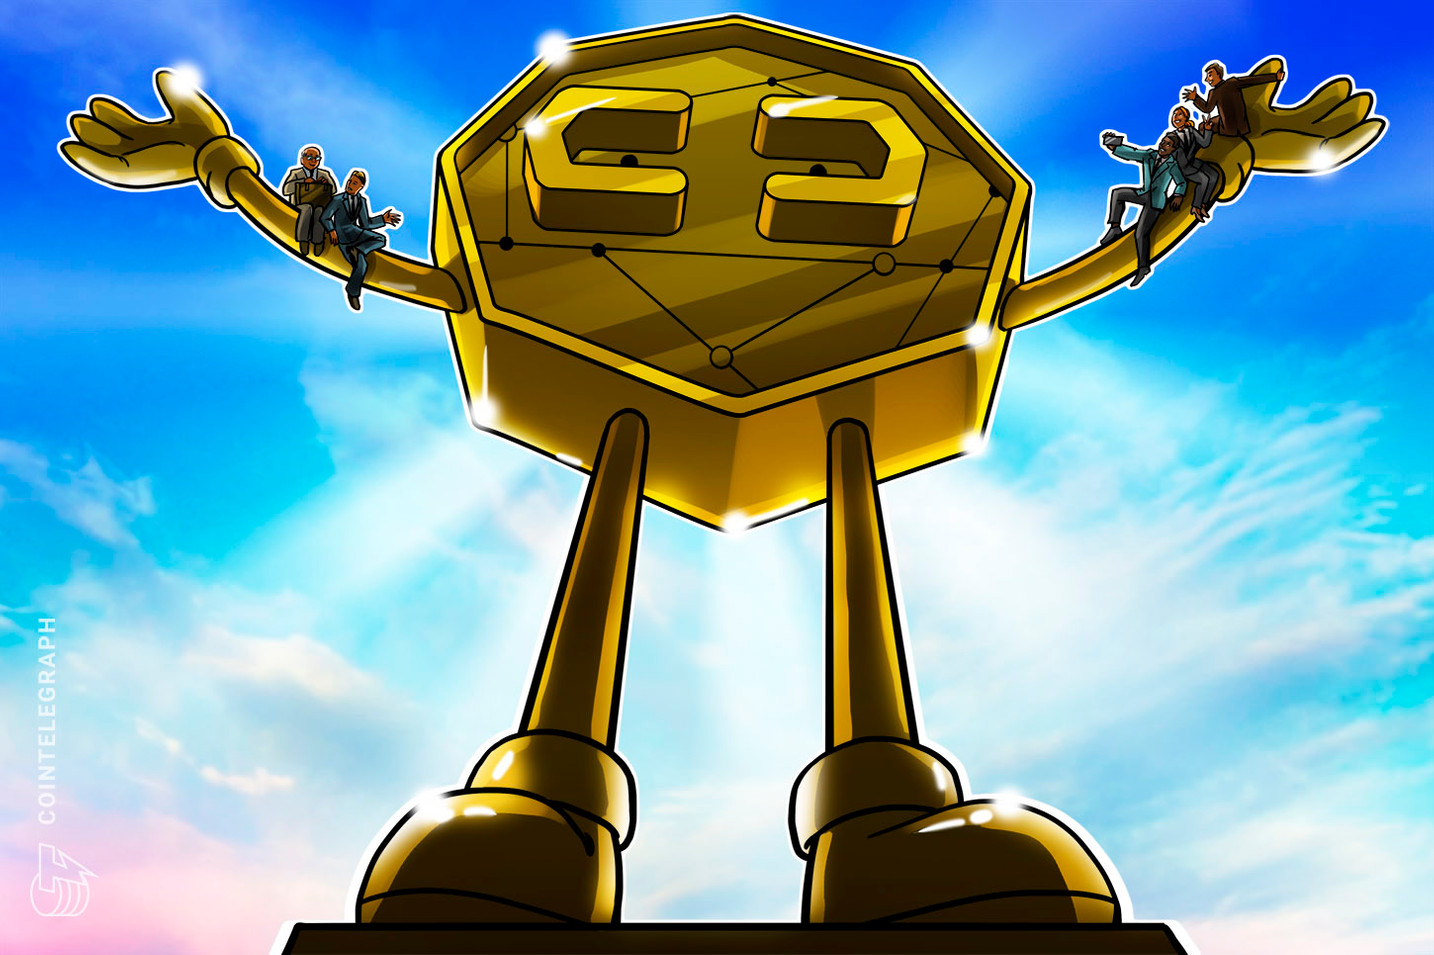 El nuevo token USStocks permite a los inversores acceder a la bolsa de valores de EE.UU. con la stablecoin Dai